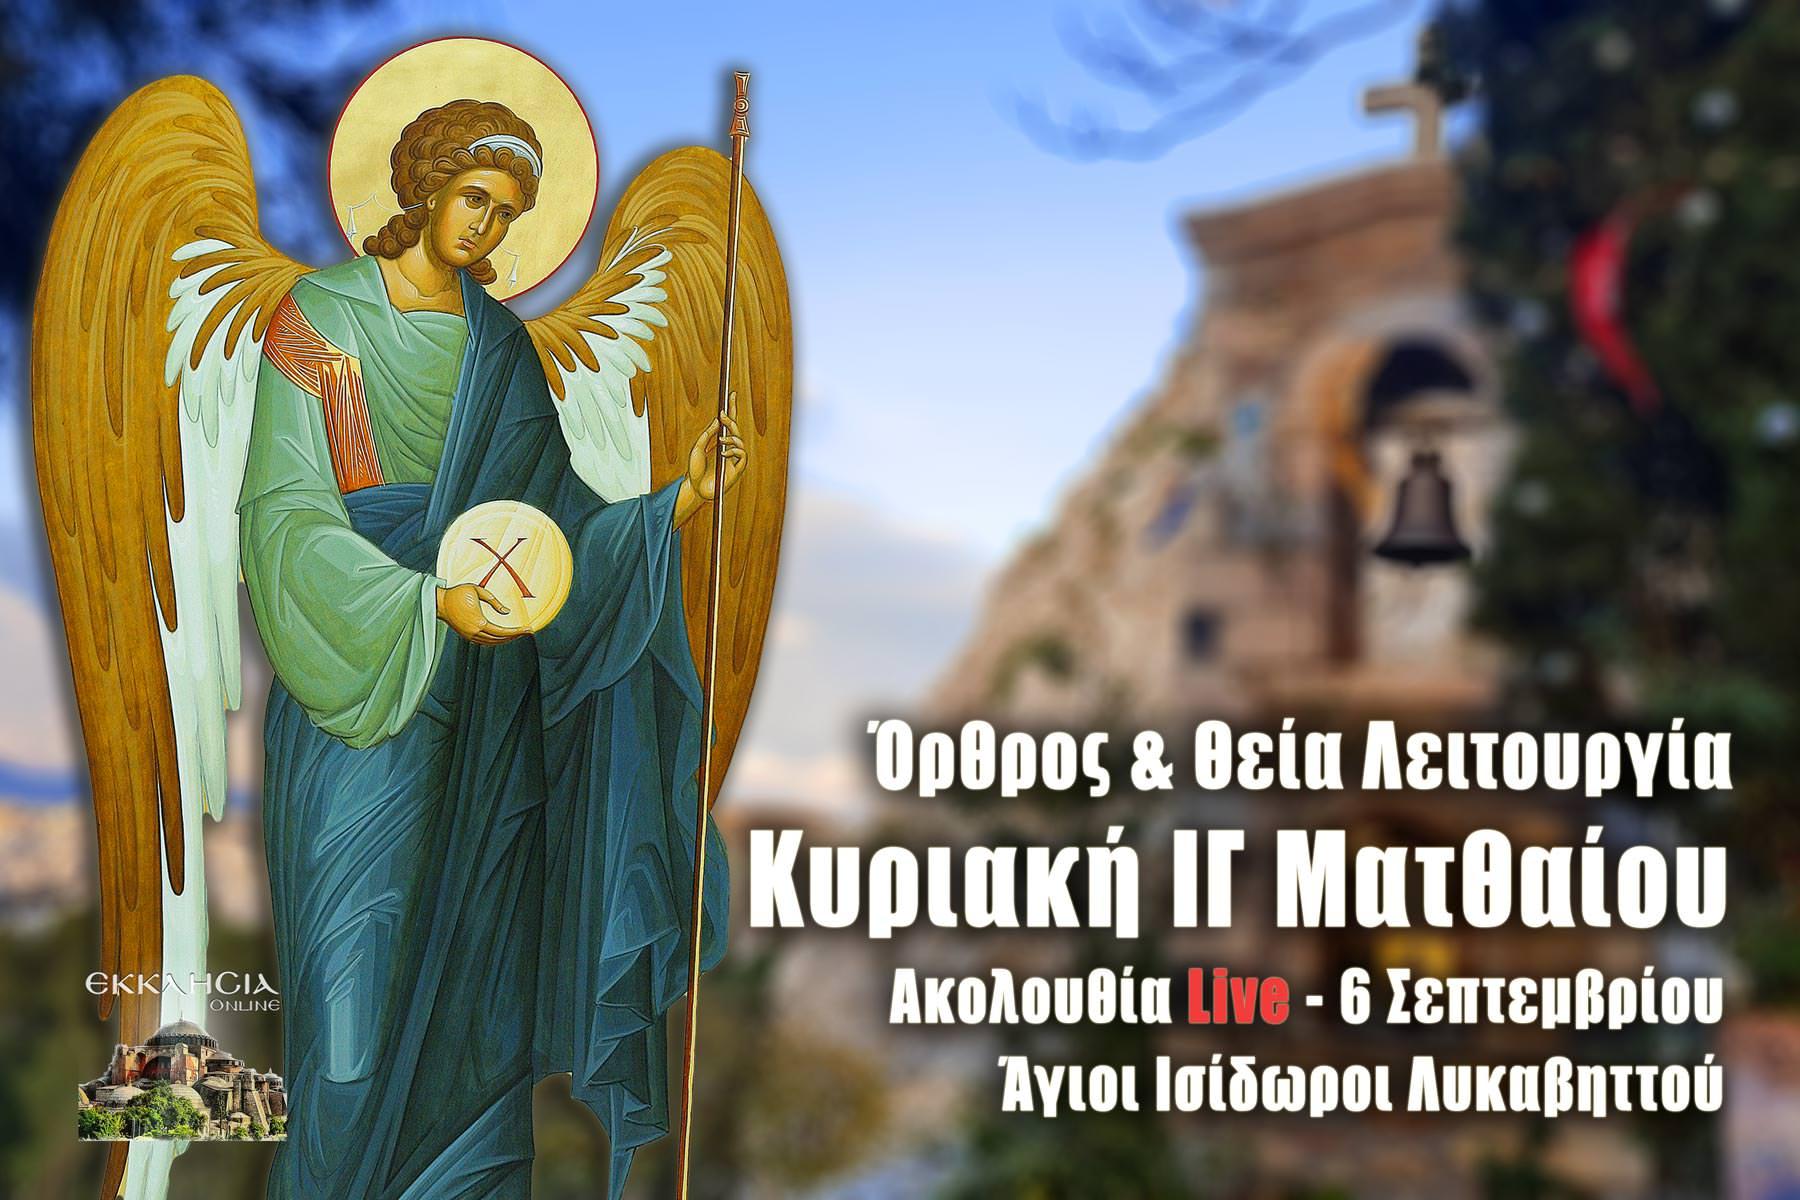 Κυριακή ΙΓ Ματθαίου και Θαύμα Αρχαγγέλου Μιχαήλ 6 Σεπτεμβρίου Live Άγιοι Ισίδωροι Λυκαβηττού